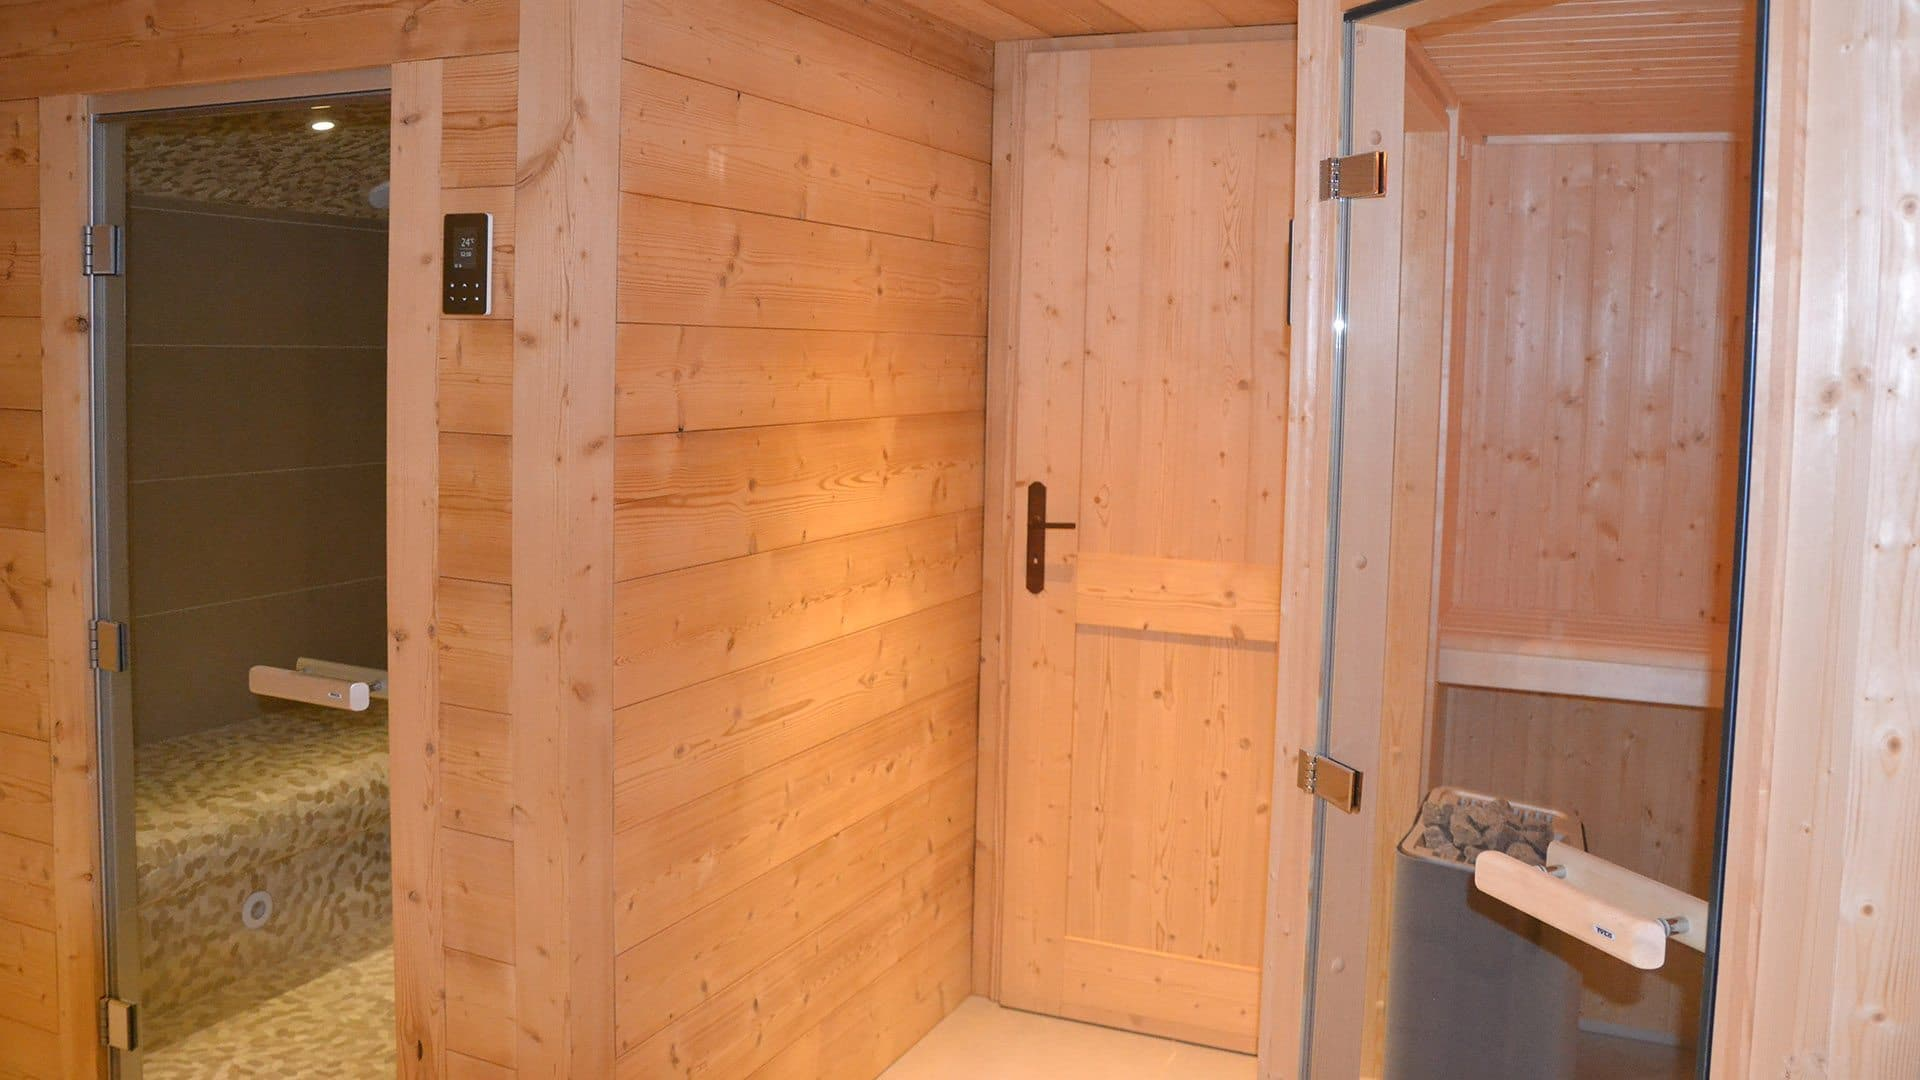 Hammam et sauna nordique france id es piscine for Hammam et sauna